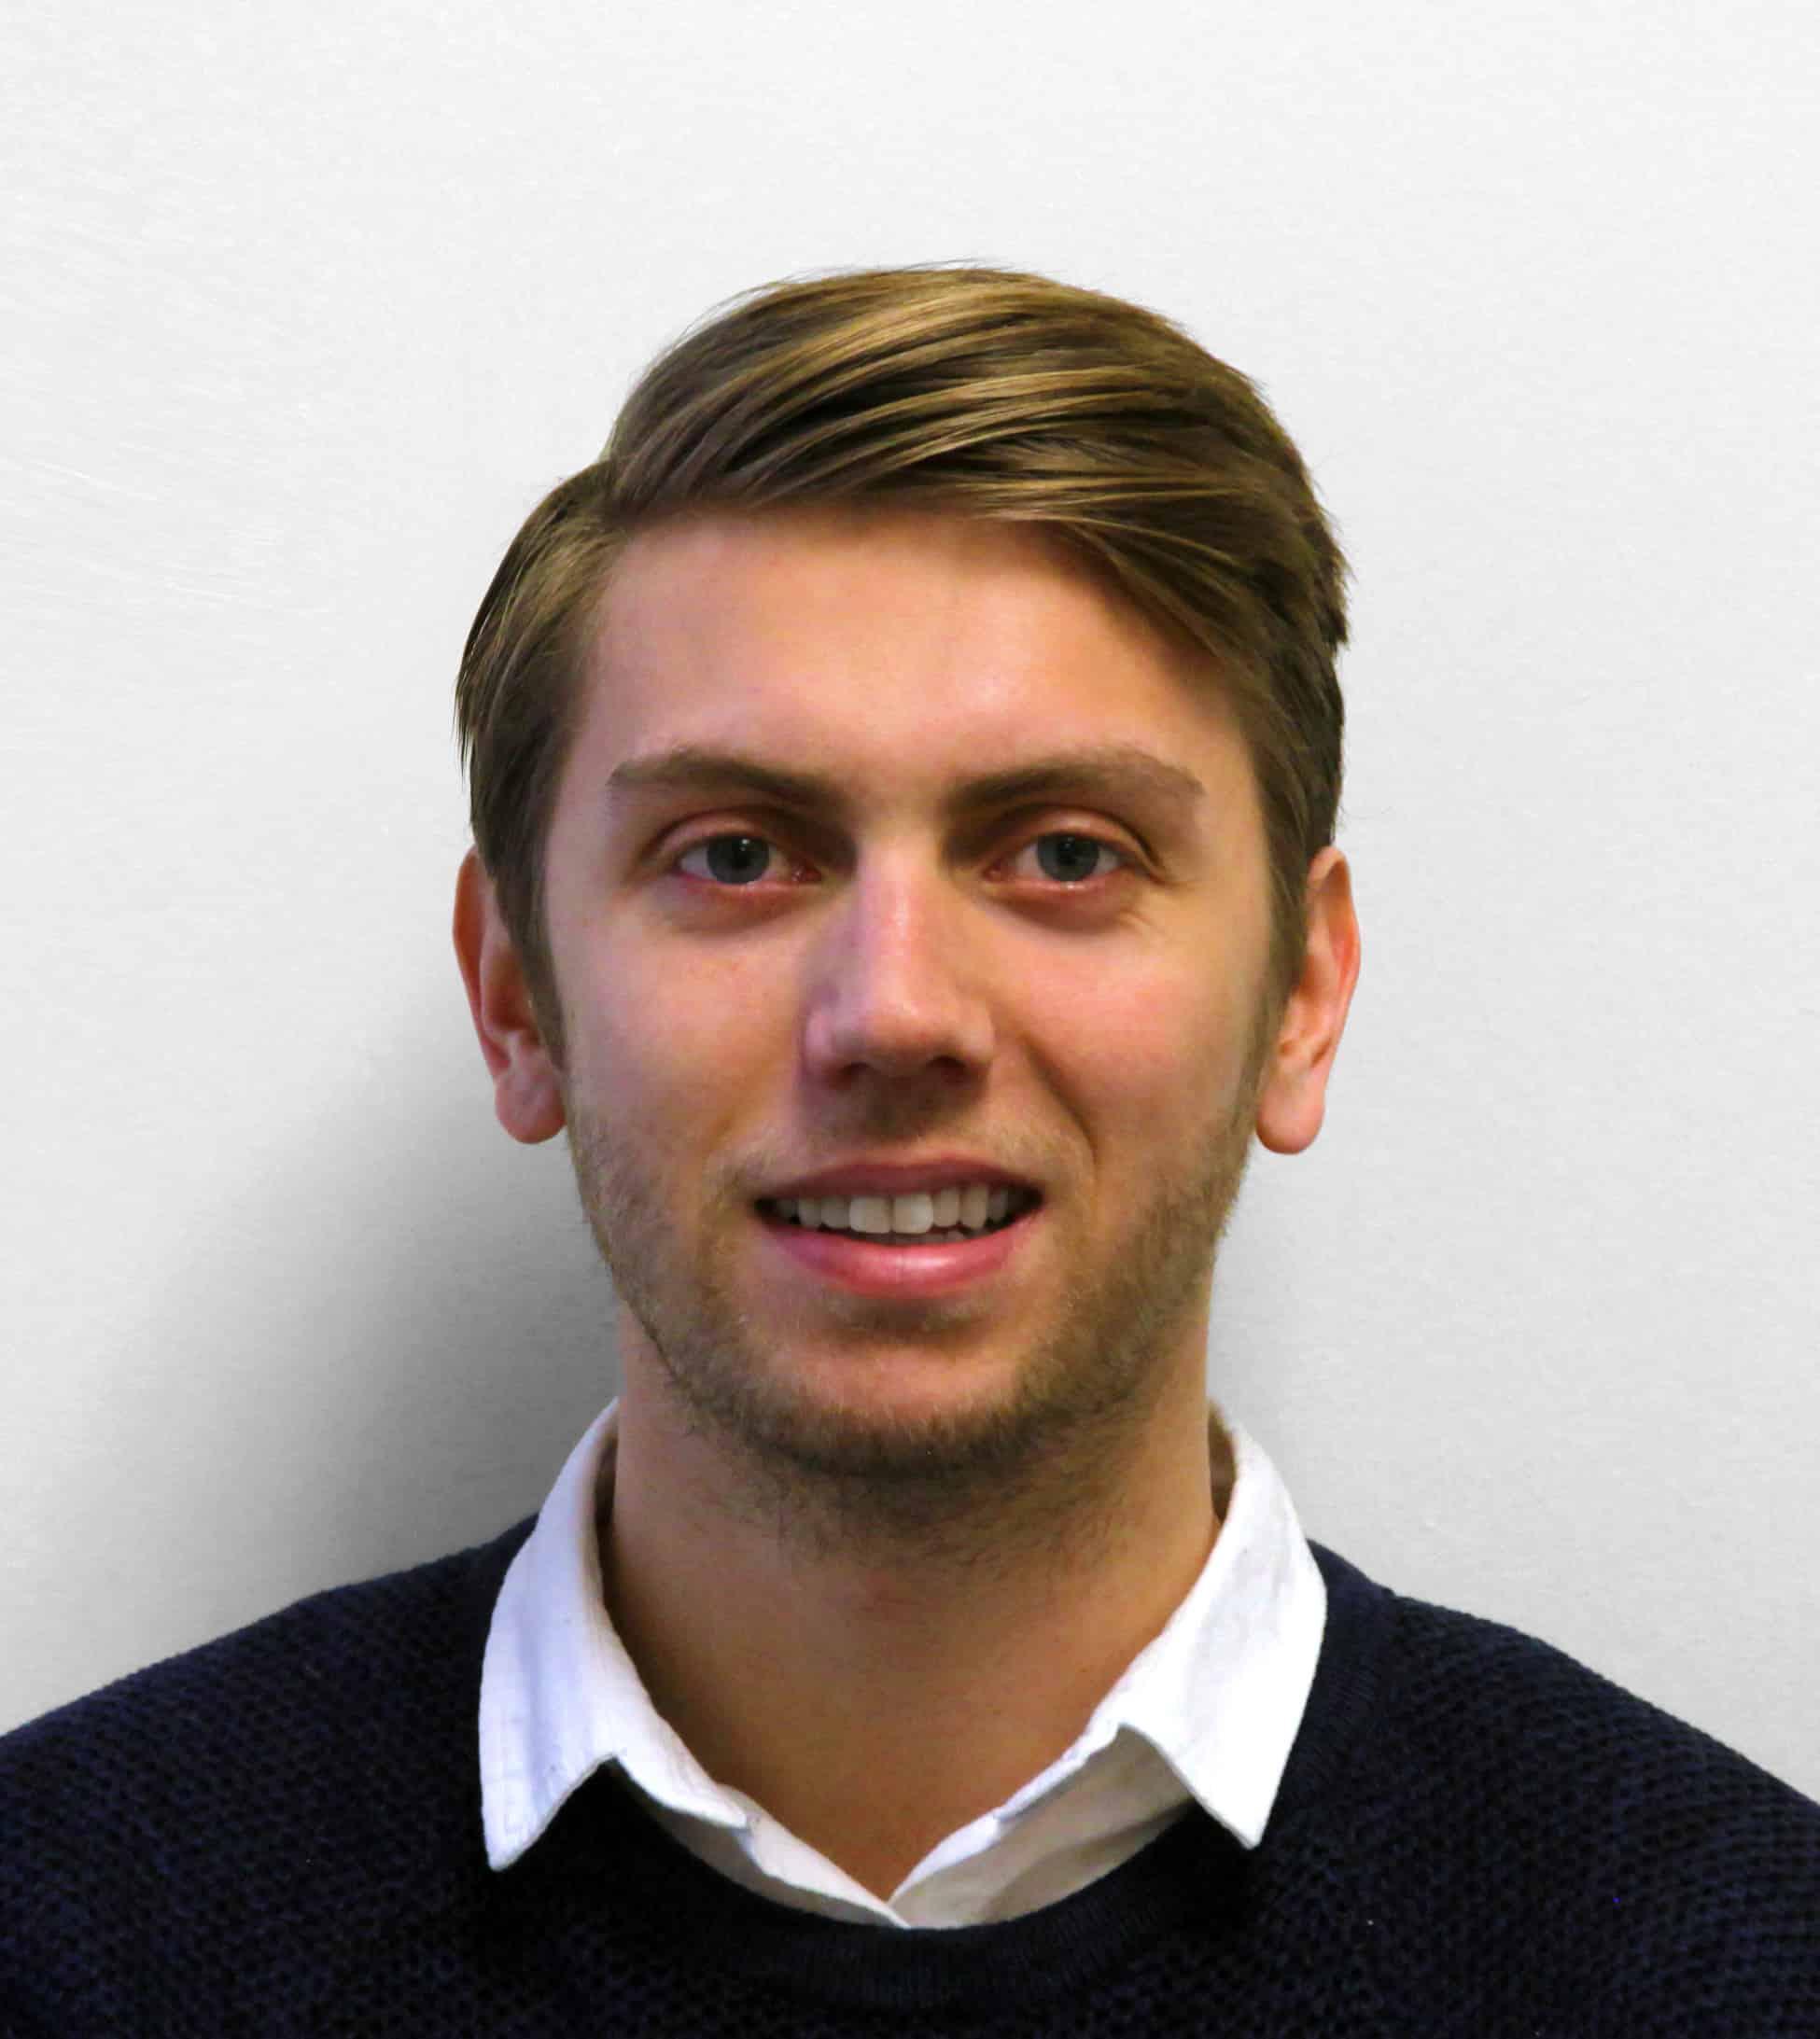 Fredrik portrait